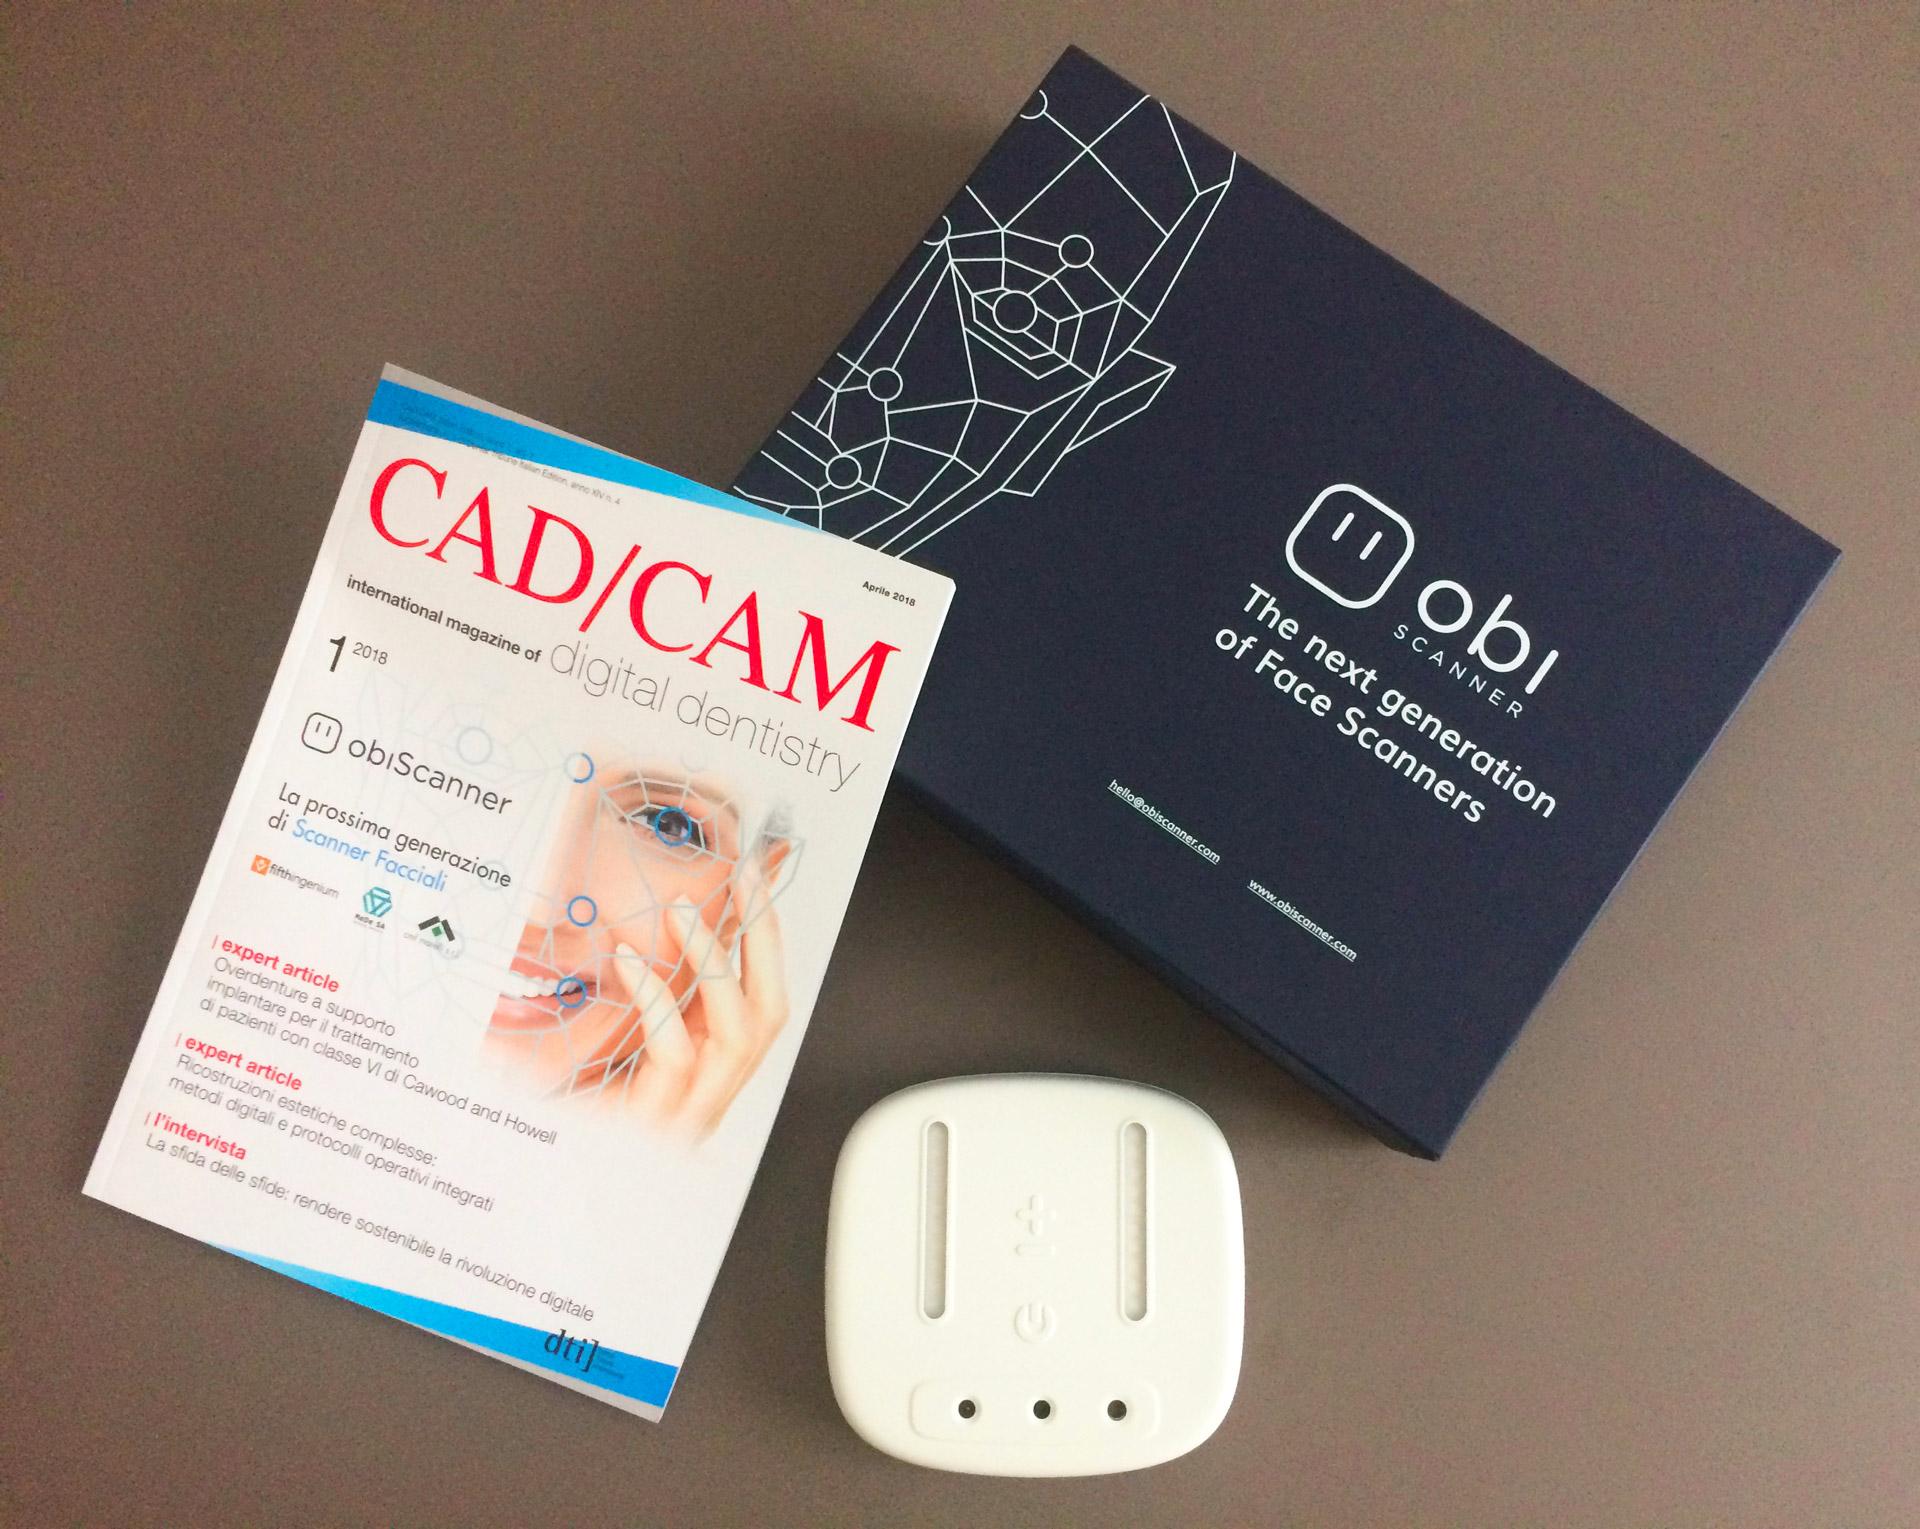 ObiScanner on CAD/CAM